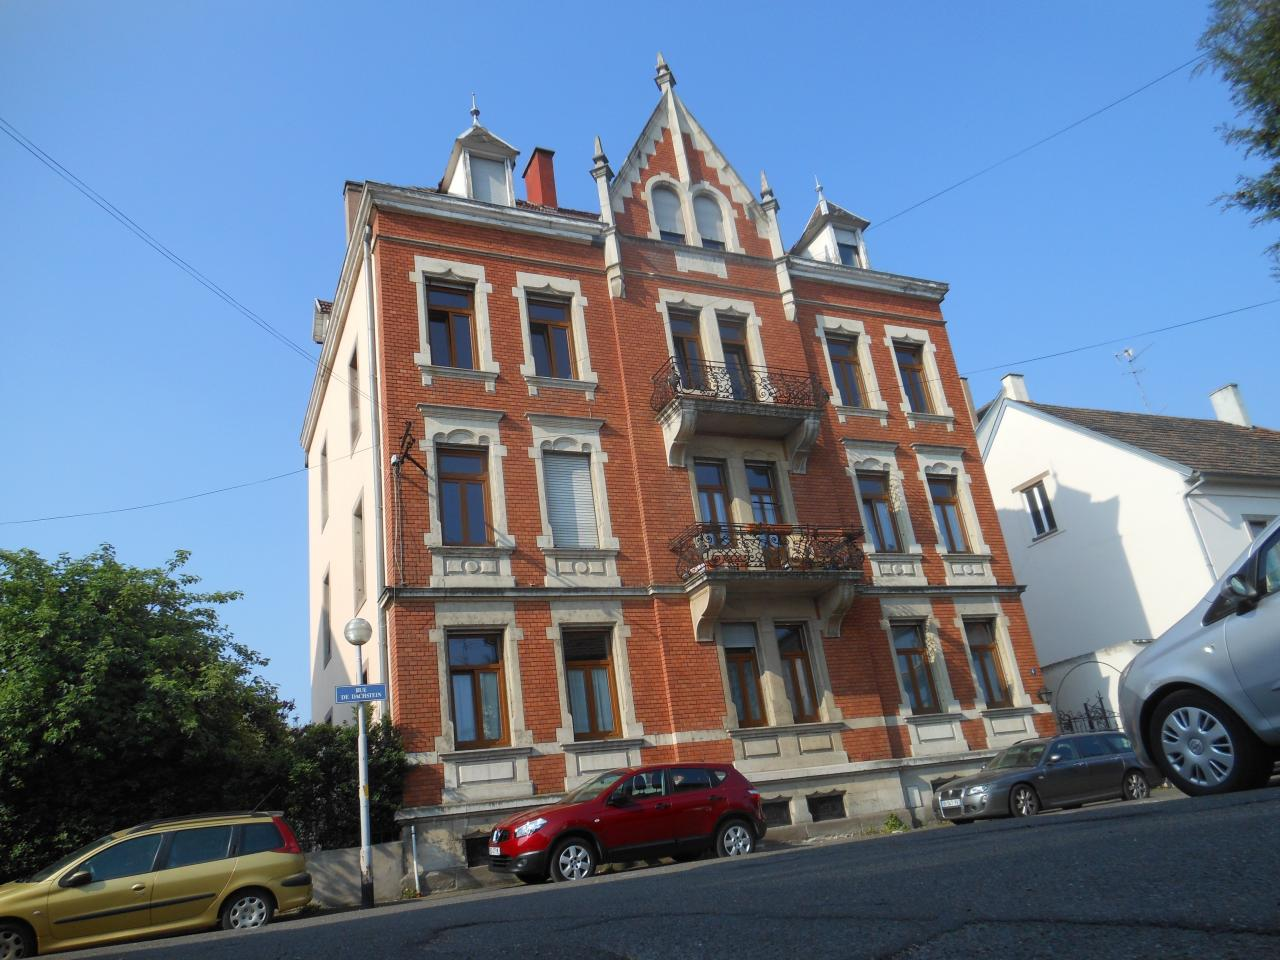 Immeuble wilhelminien